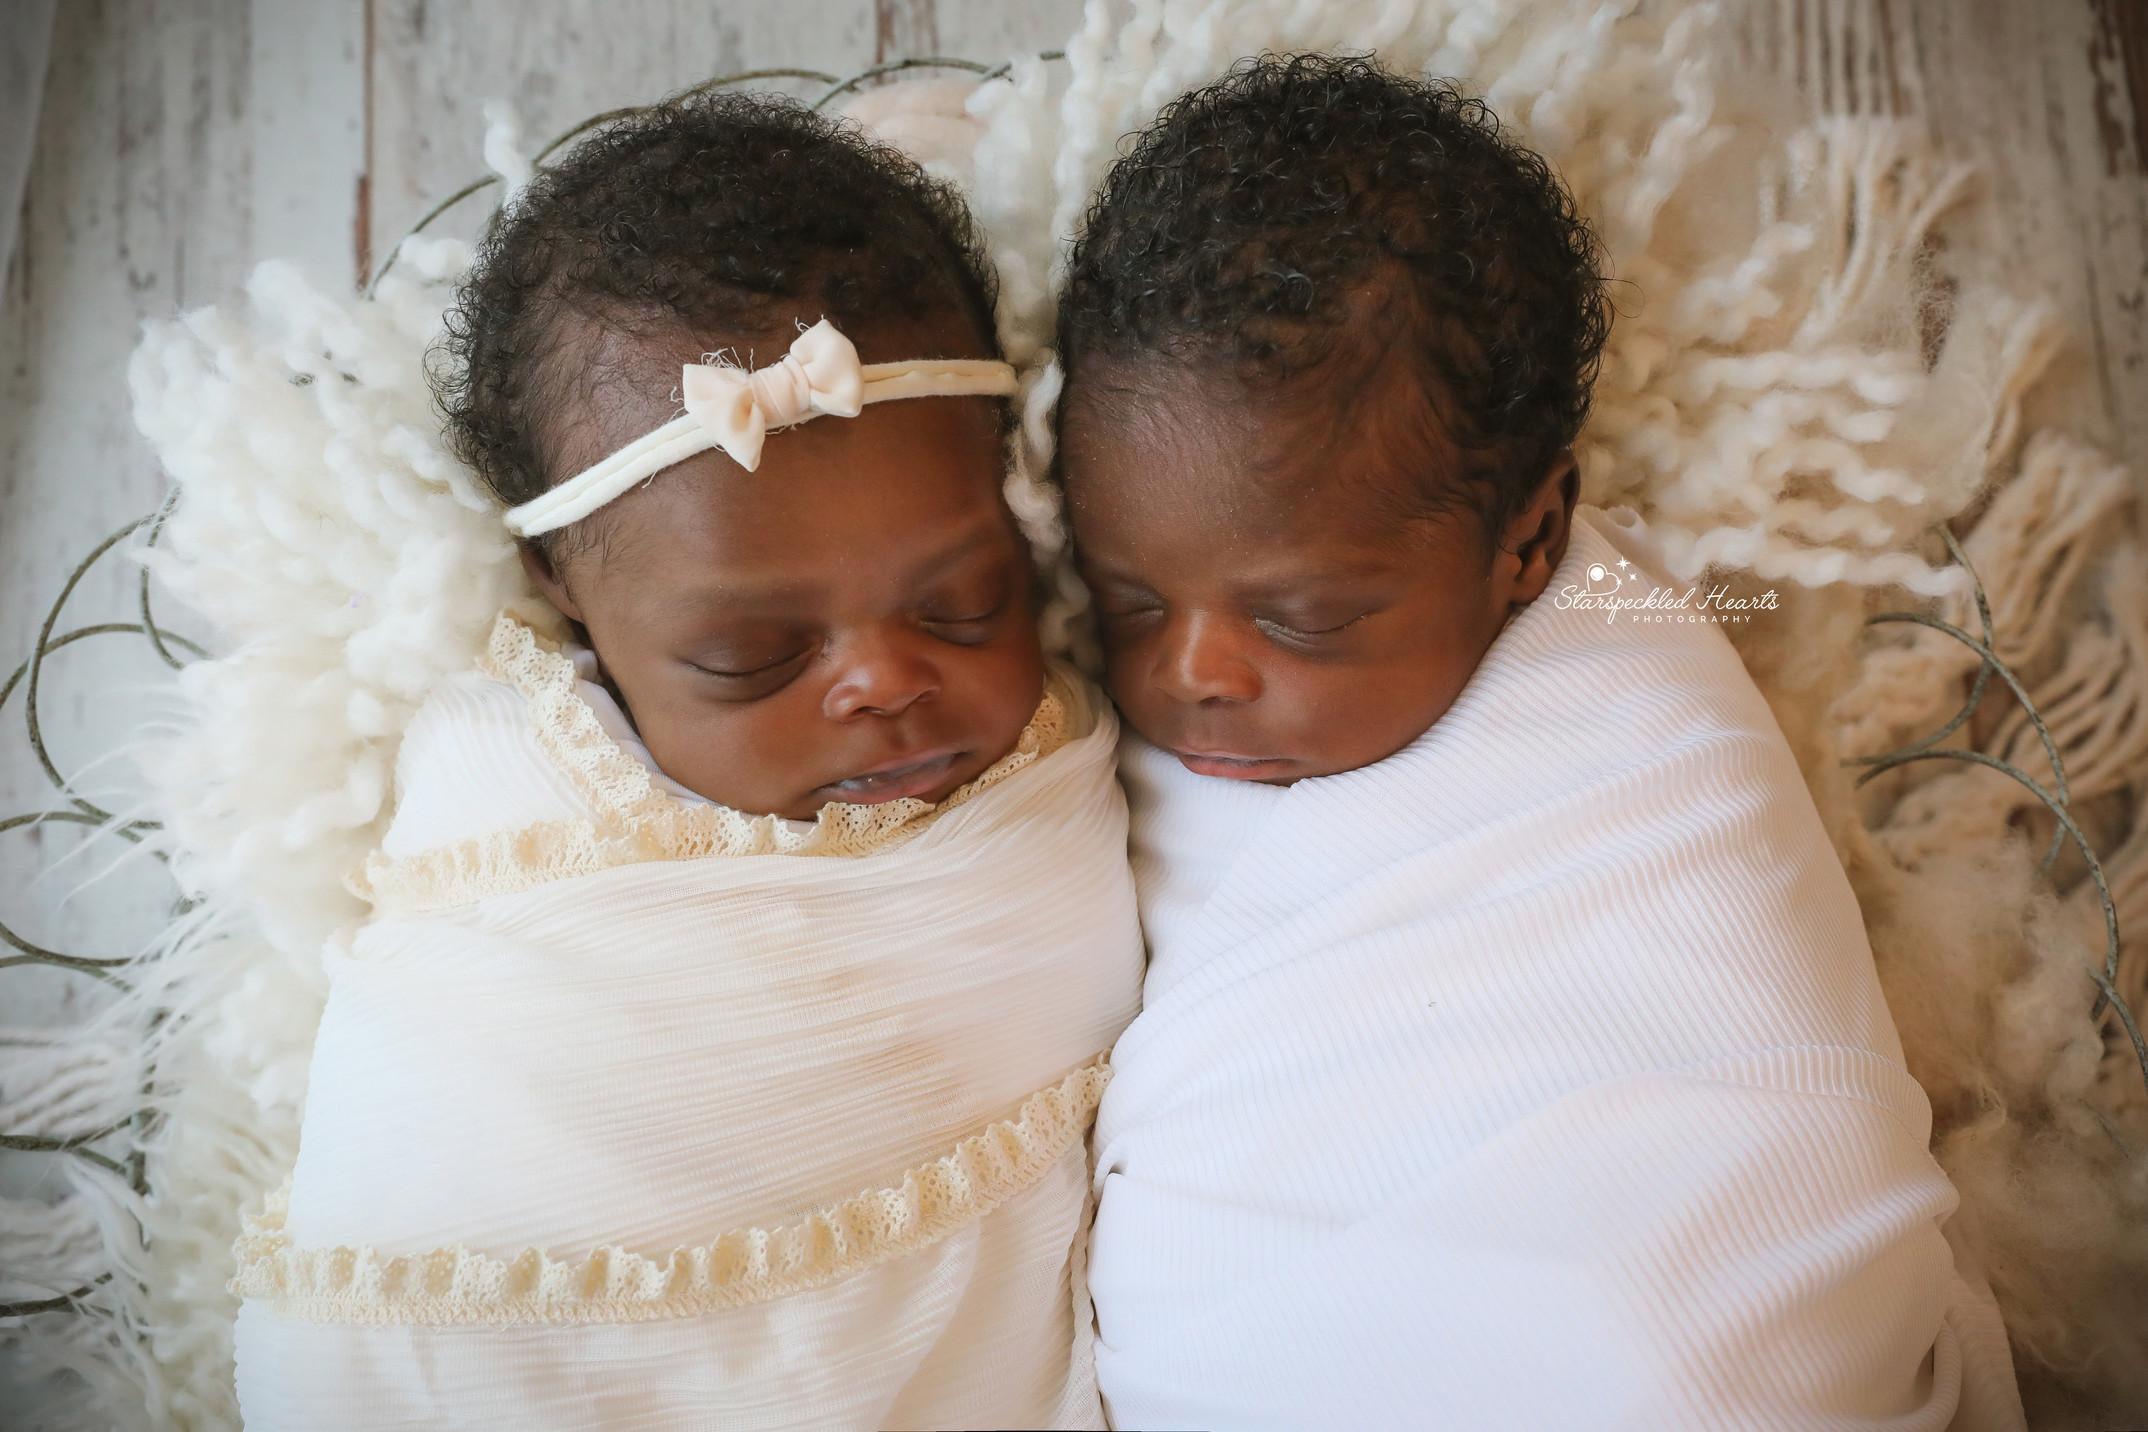 newborn baby photographer surrey berkshire